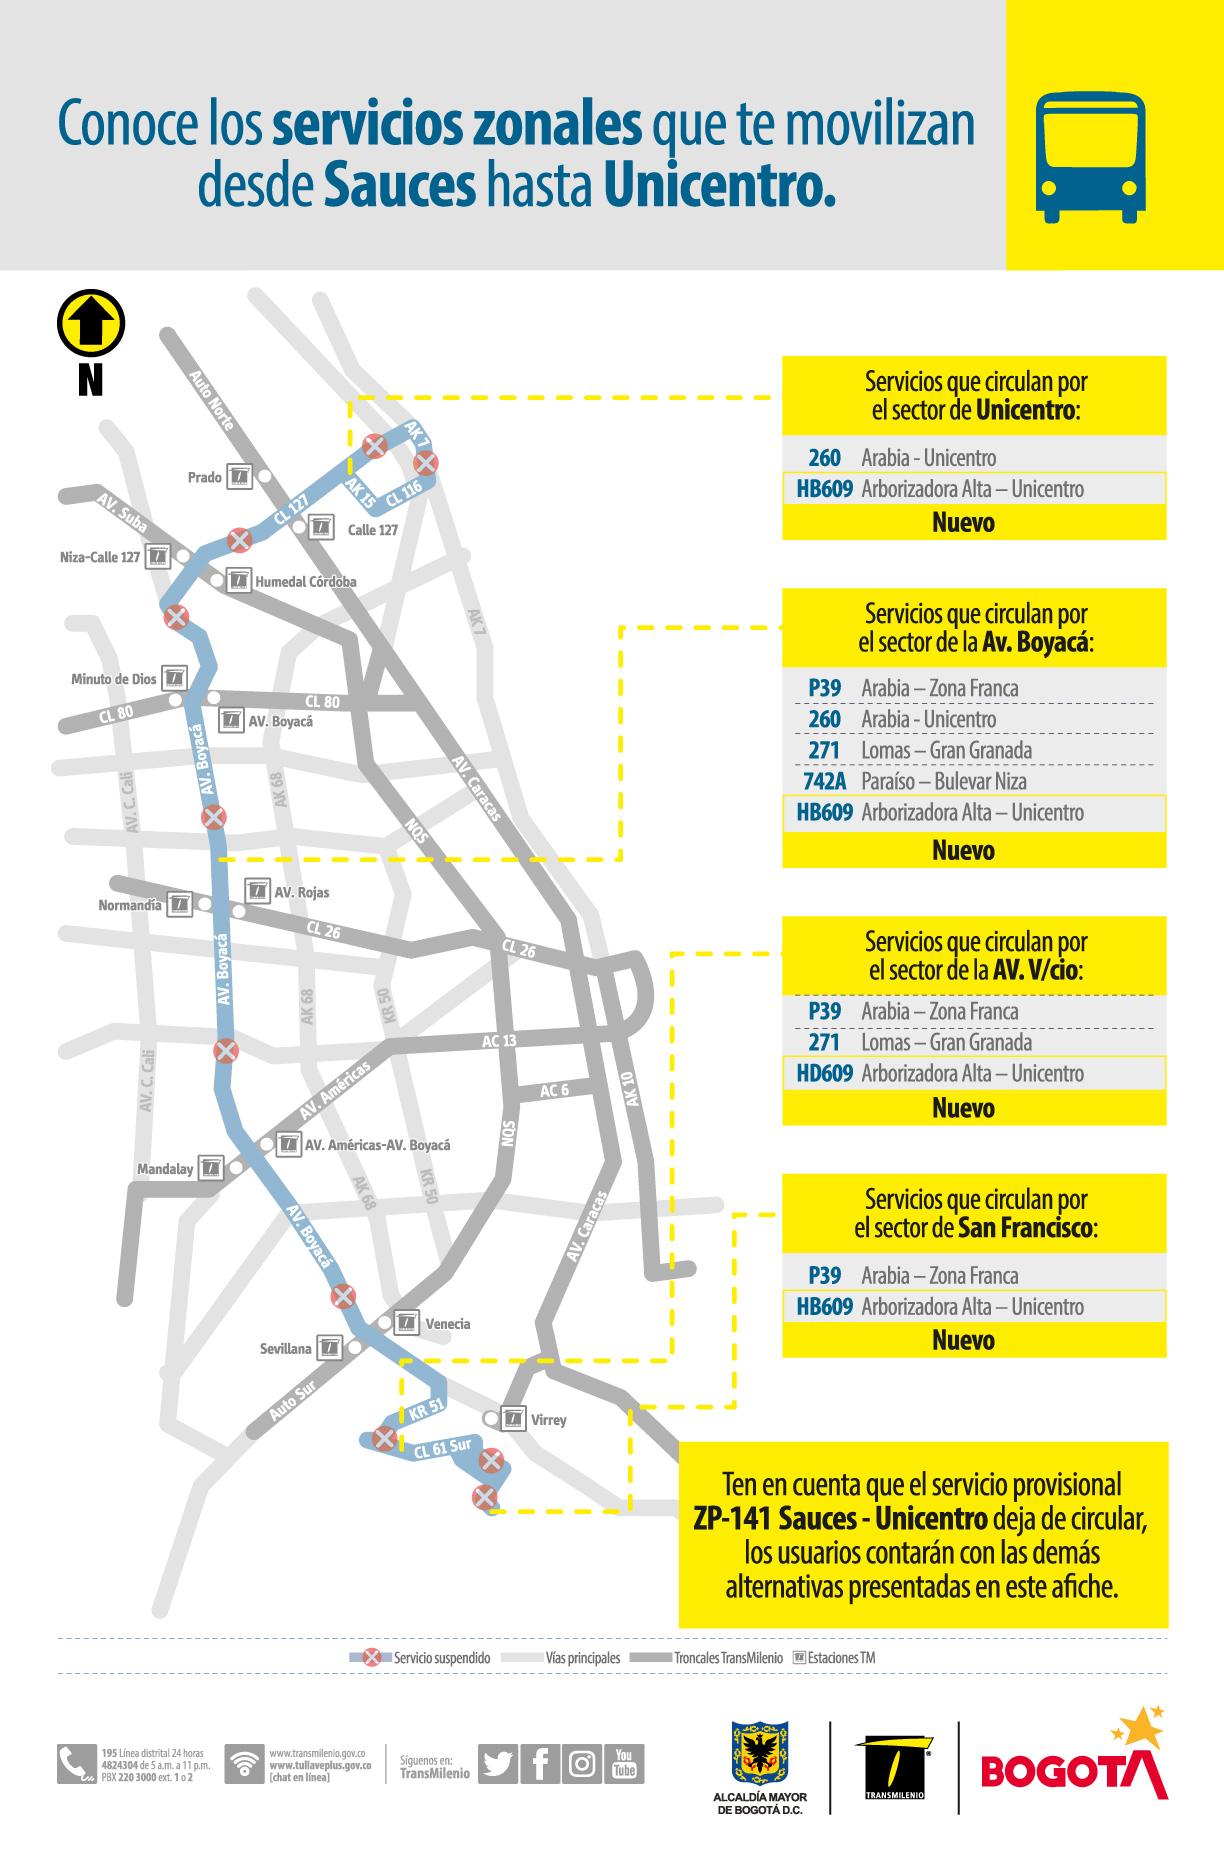 Rutas zonales de TransMilenio para movilizarse desde Sauces hasta Unicentro